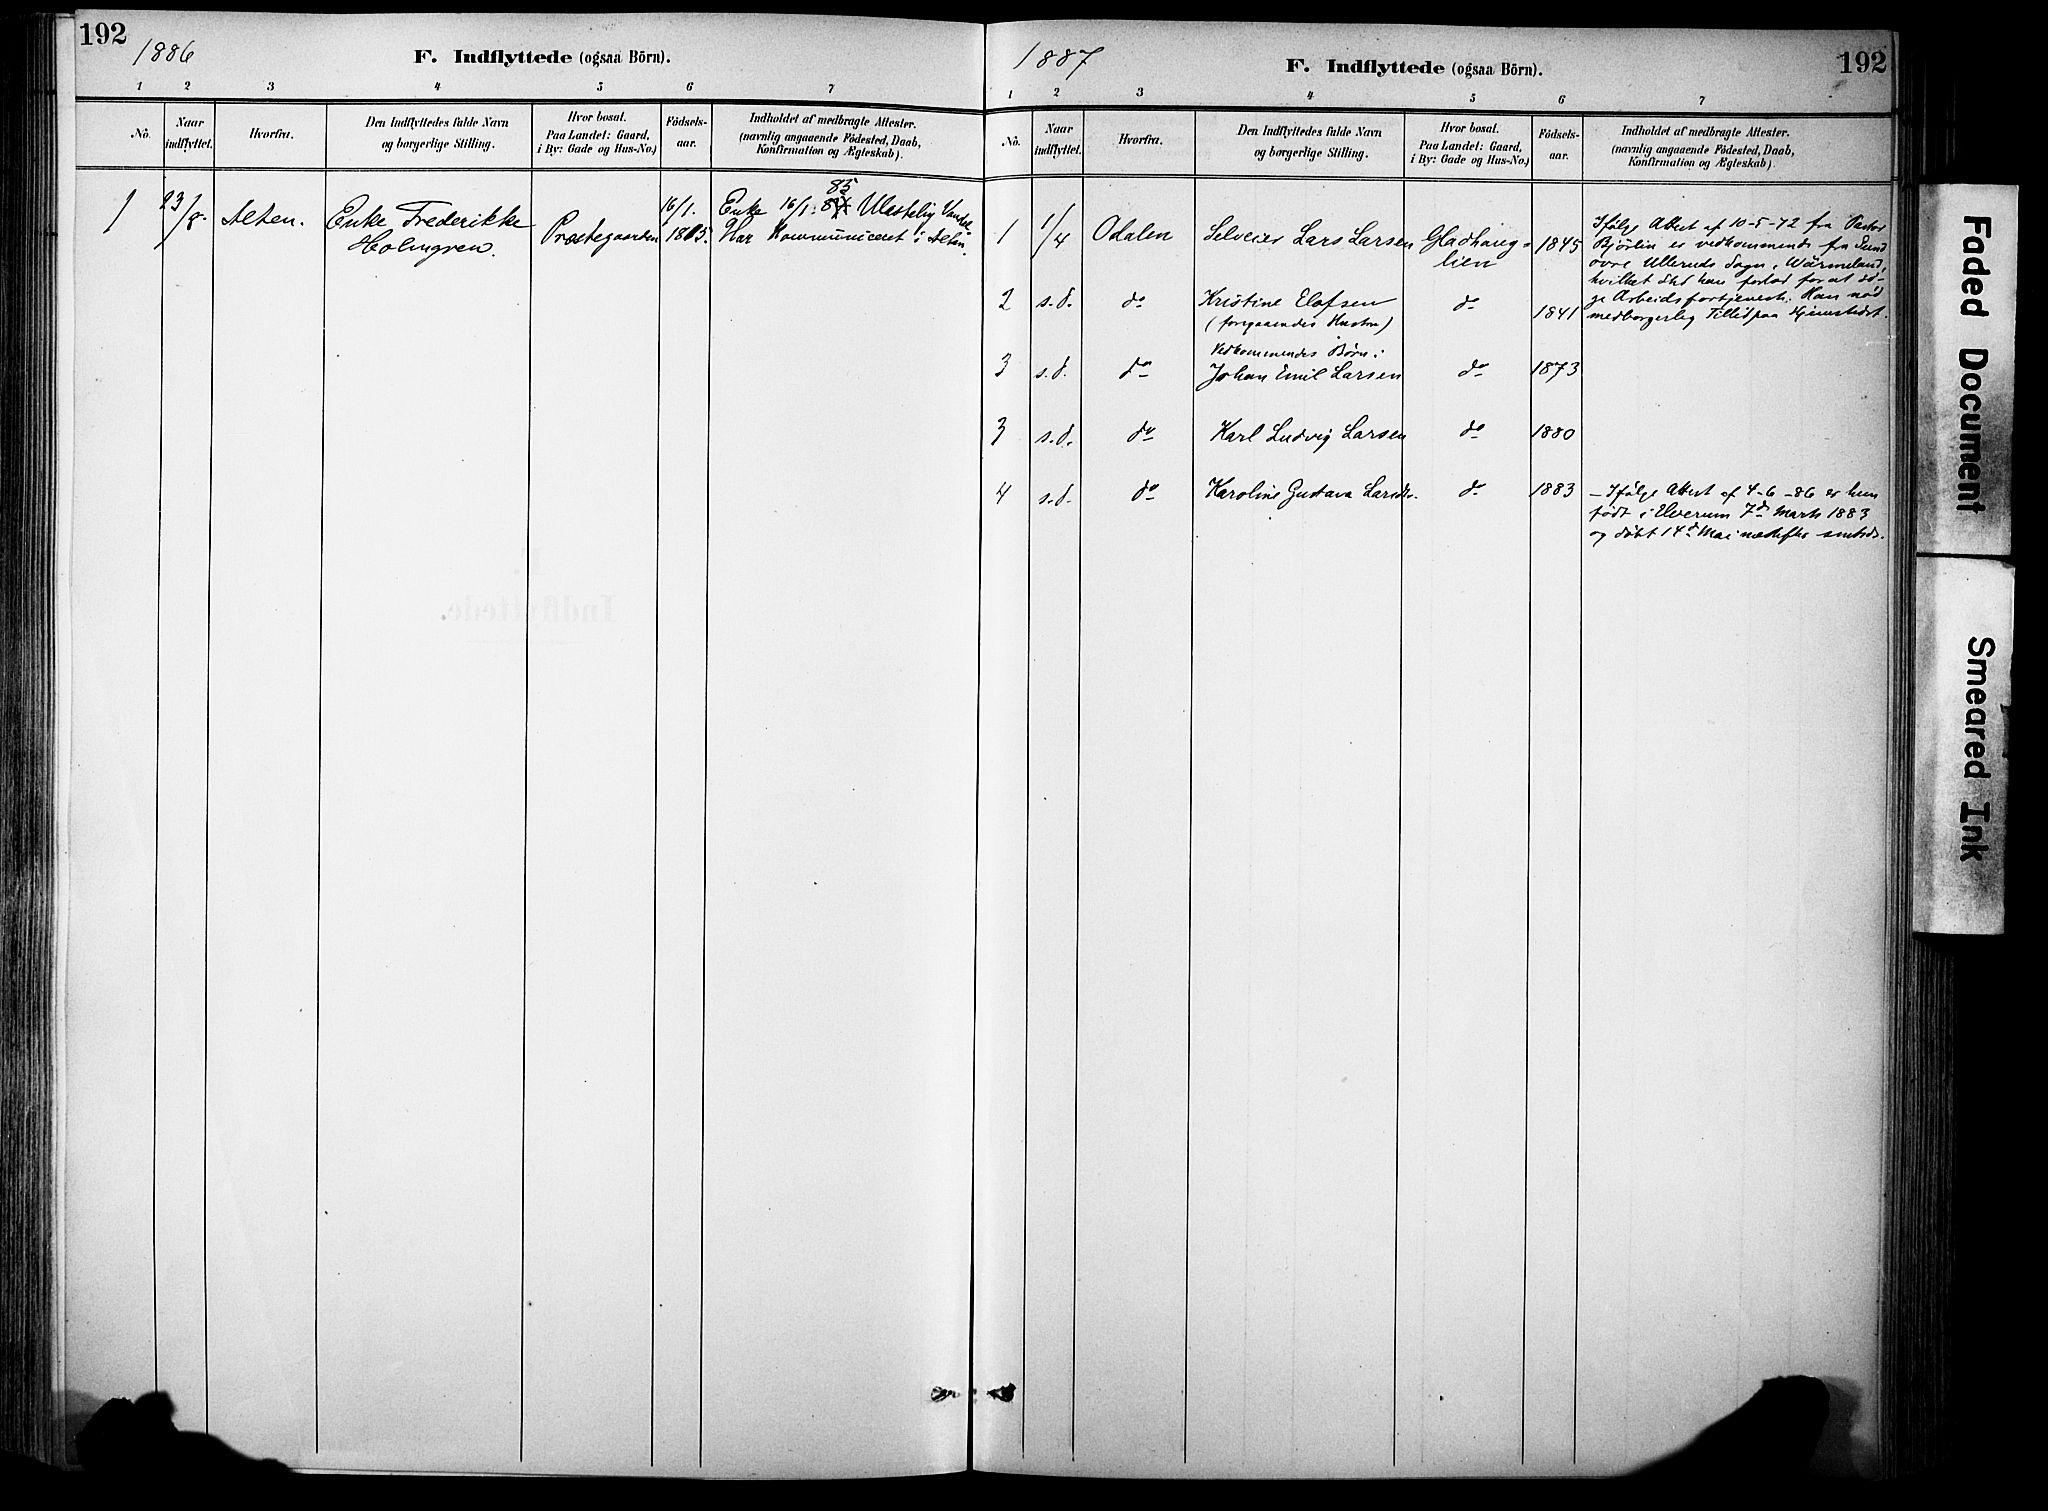 SAH, Sør-Aurdal prestekontor, Ministerialbok nr. 9, 1886-1906, s. 192